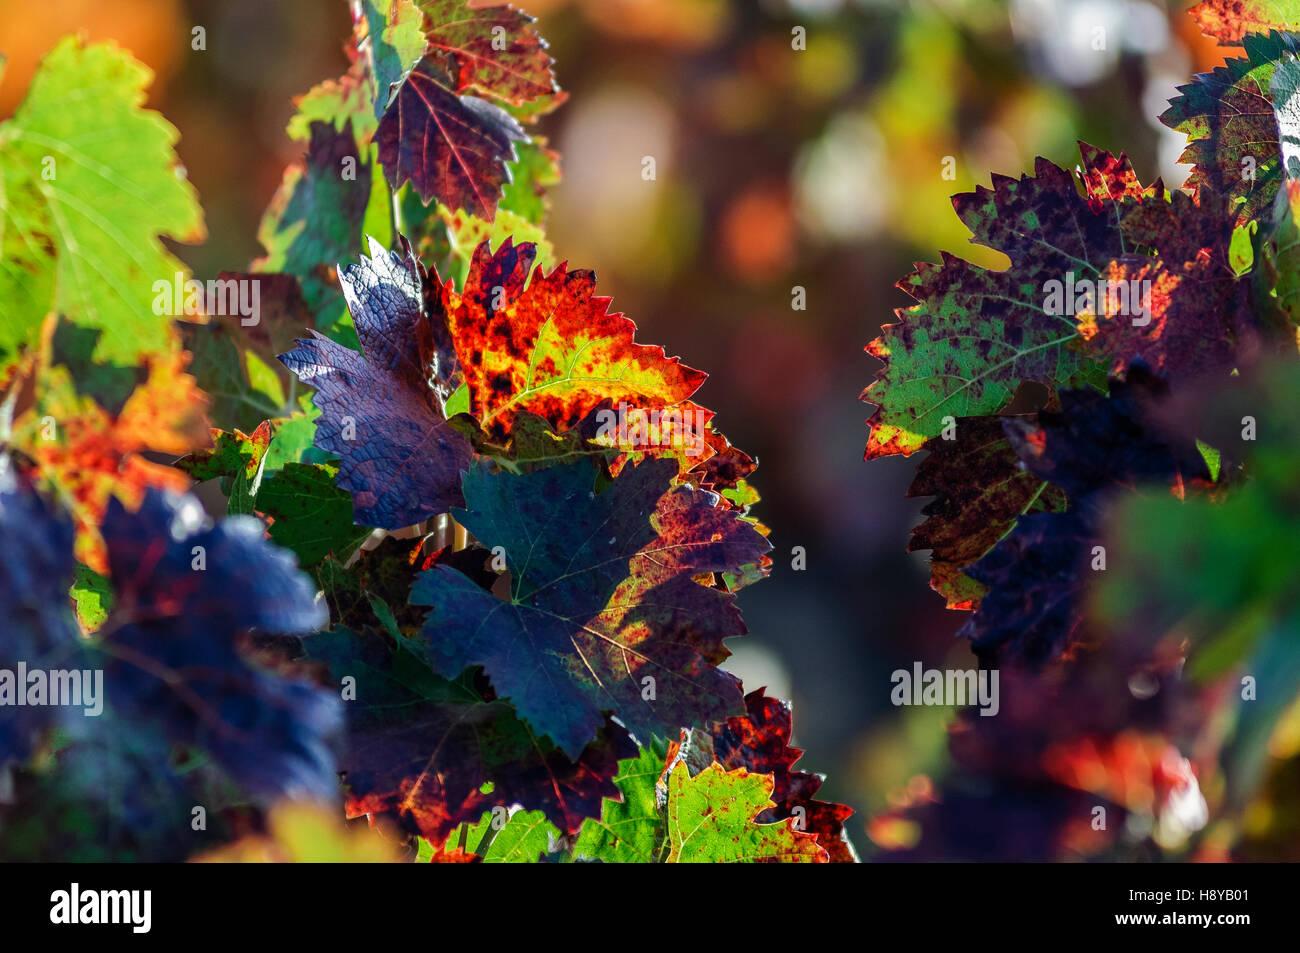 Feuille de vigne en Automne Provence France Aix en Provence - Stock Image